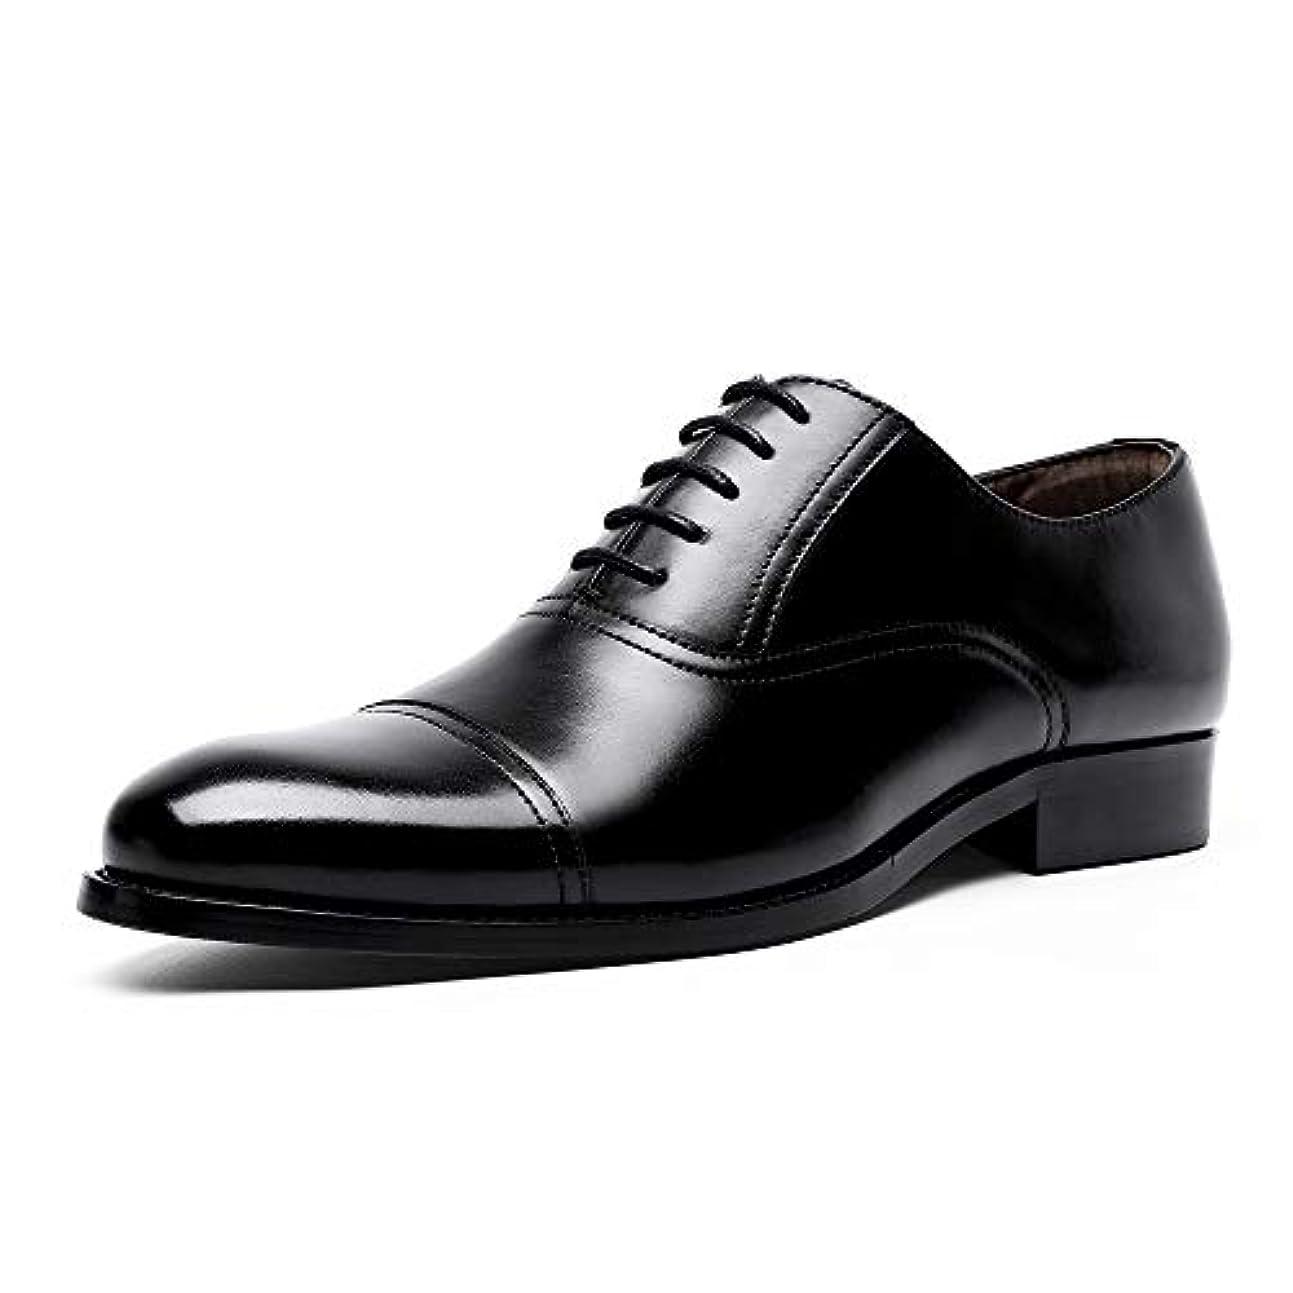 発音感謝している脇にiKuma ビジネスシューズ メンズ 紳士靴 革靴 本革 高級靴 ストレートチップ 履きやすい 通気性 レースアップ フォーマル 冠婚葬祭